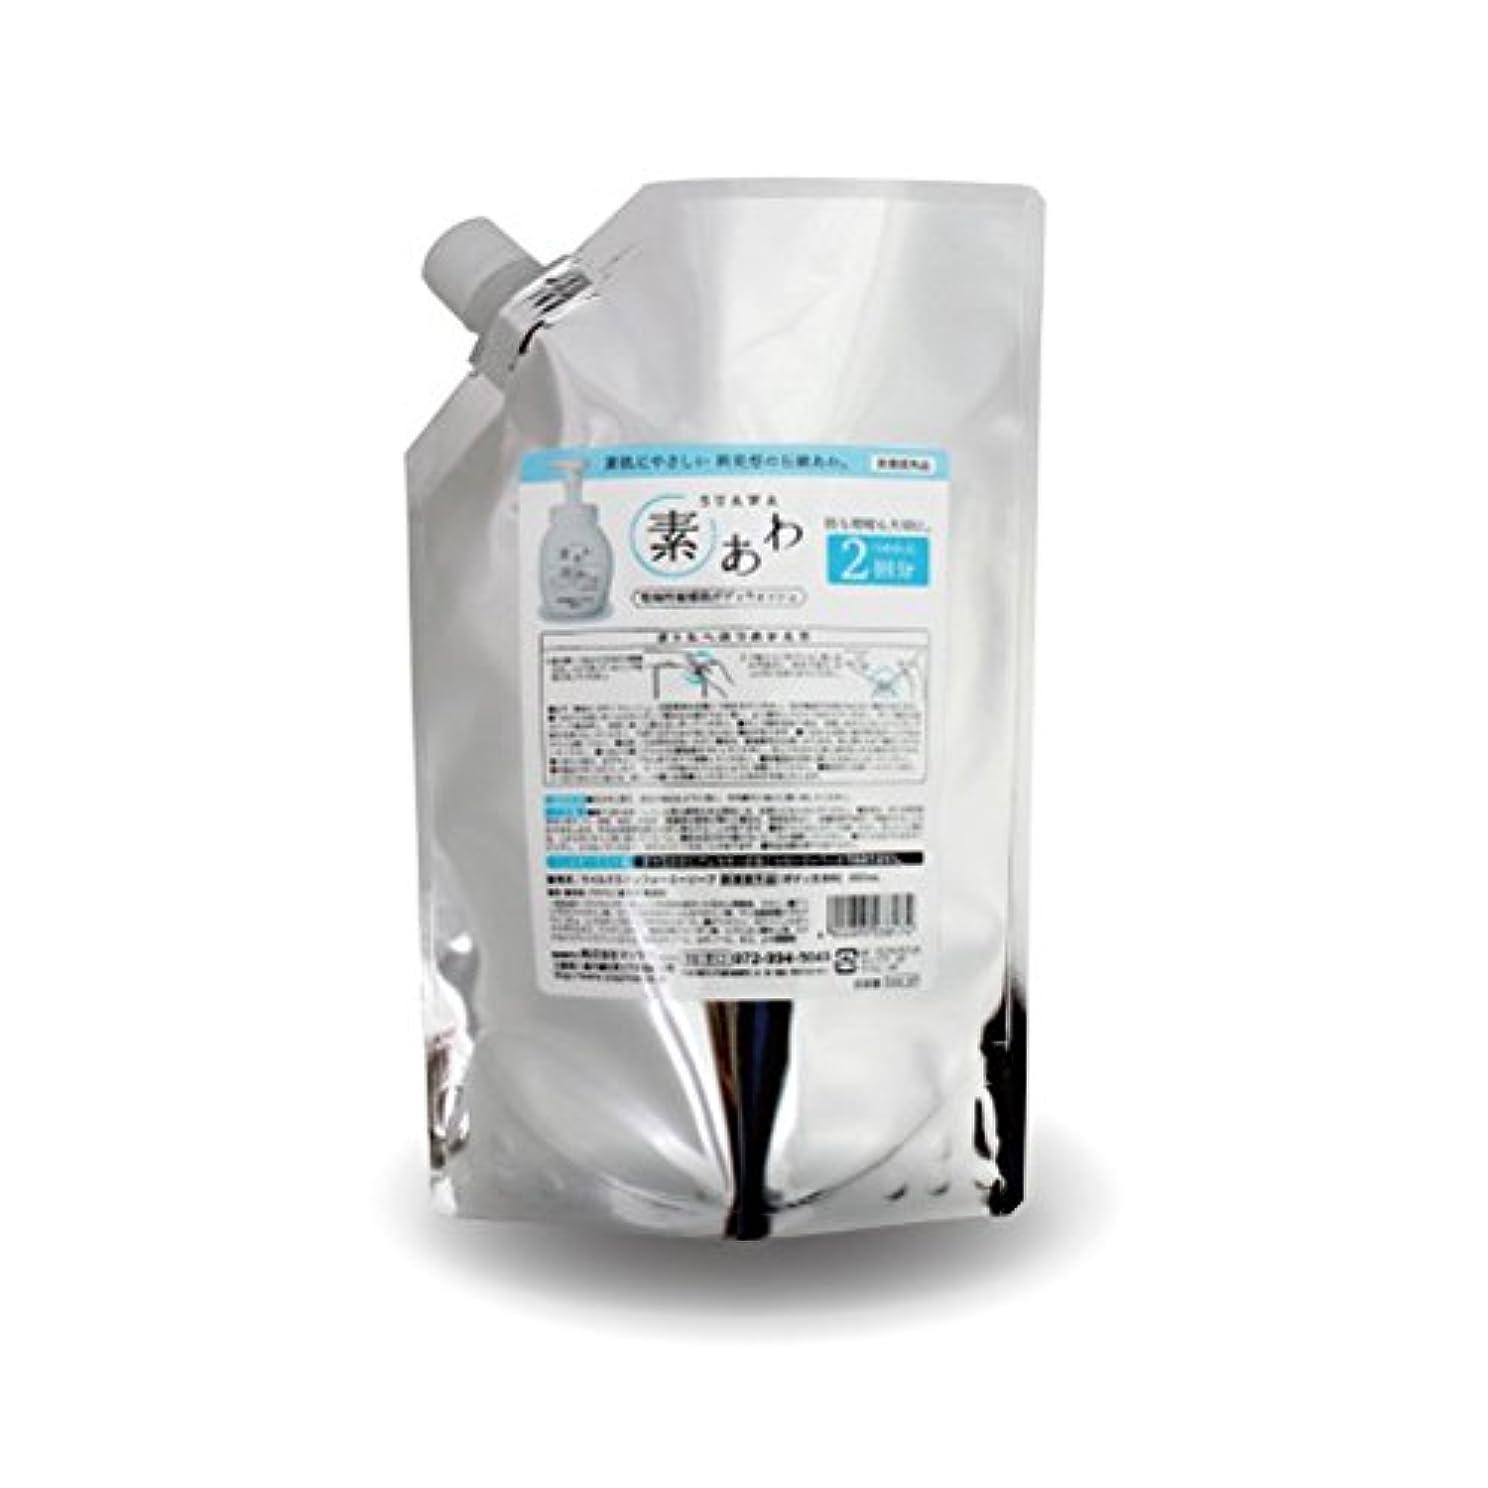 アンペアむしゃむしゃ親密な薬用 素あわ 泡タイプ ボディソープ 詰替2回分パウチ 800mL 乾 燥 肌 ? 敏 感 肌 に